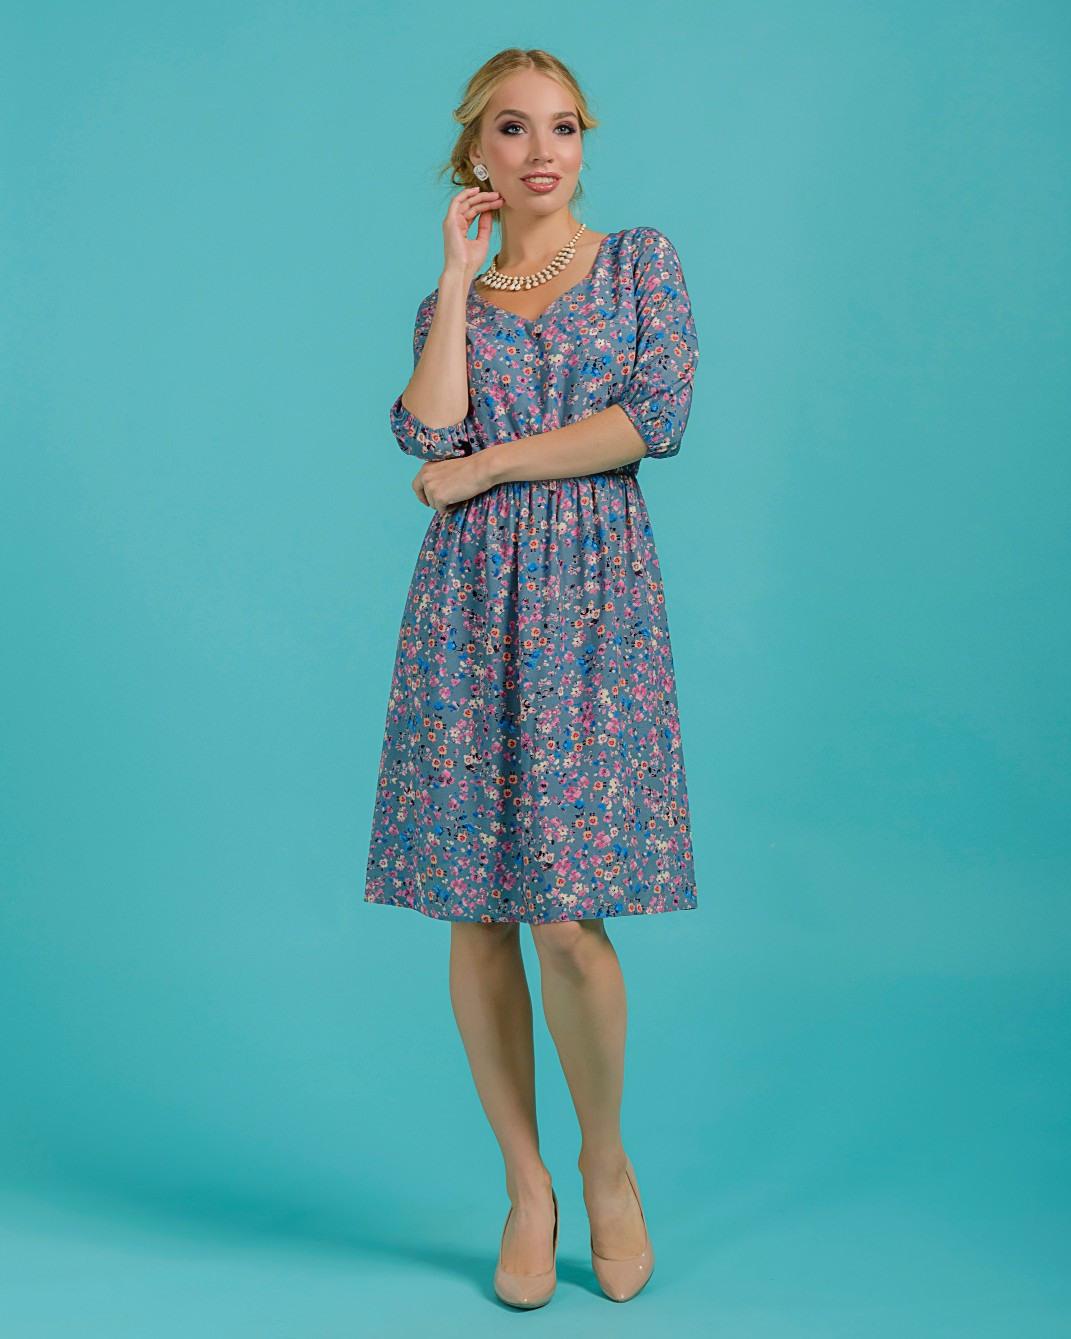 10 Einfach Sommerkleider Mittellang Boutique15 Leicht Sommerkleider Mittellang Boutique